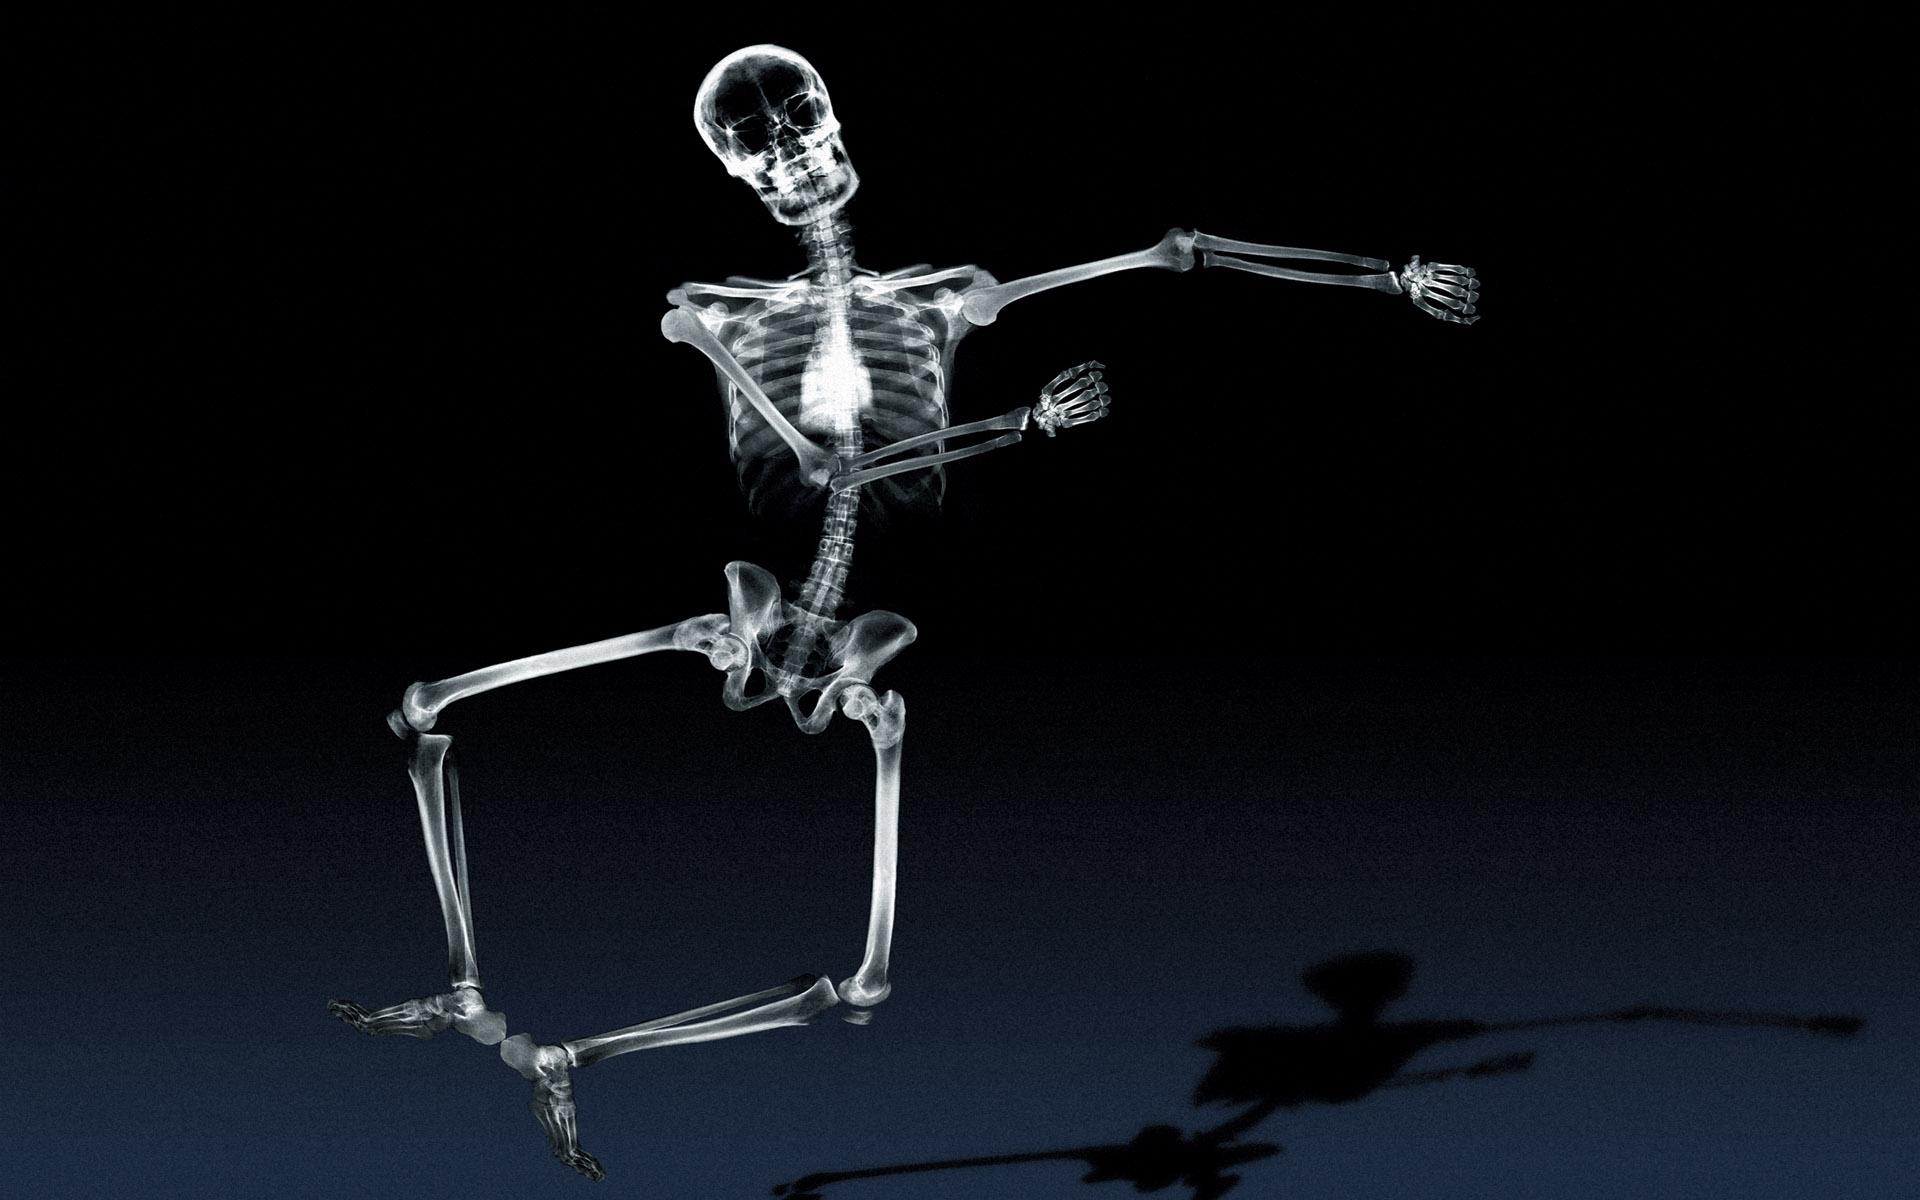 Xray Music Wallpapers: Skeleton HD Wallpaper